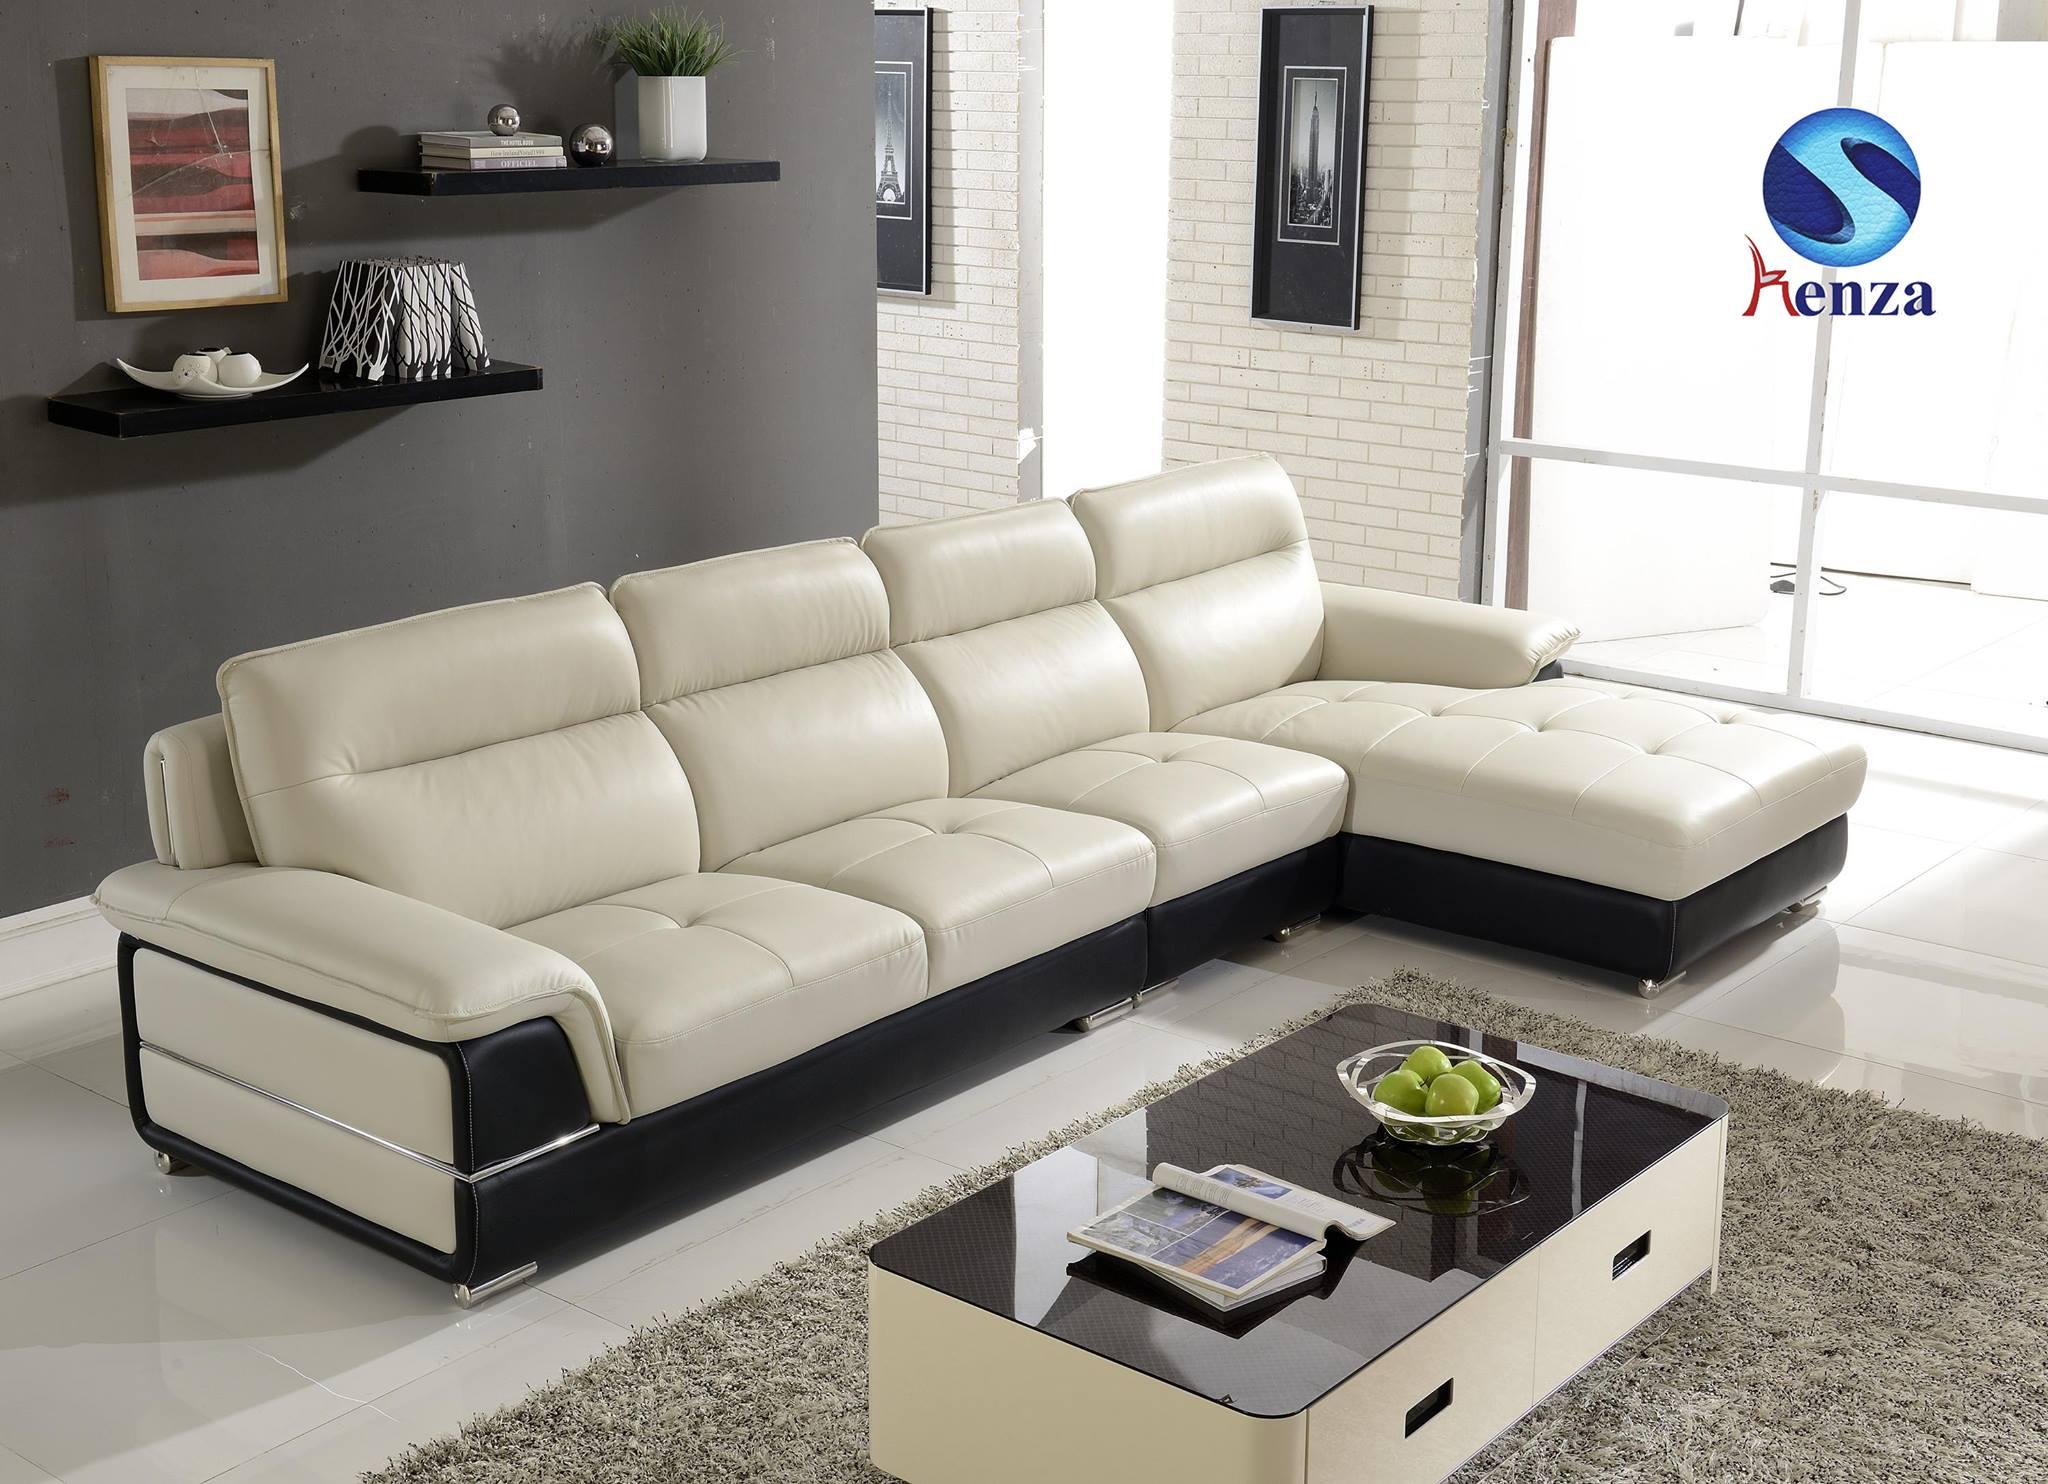 ghế sofa giá rẻ tại hà nội